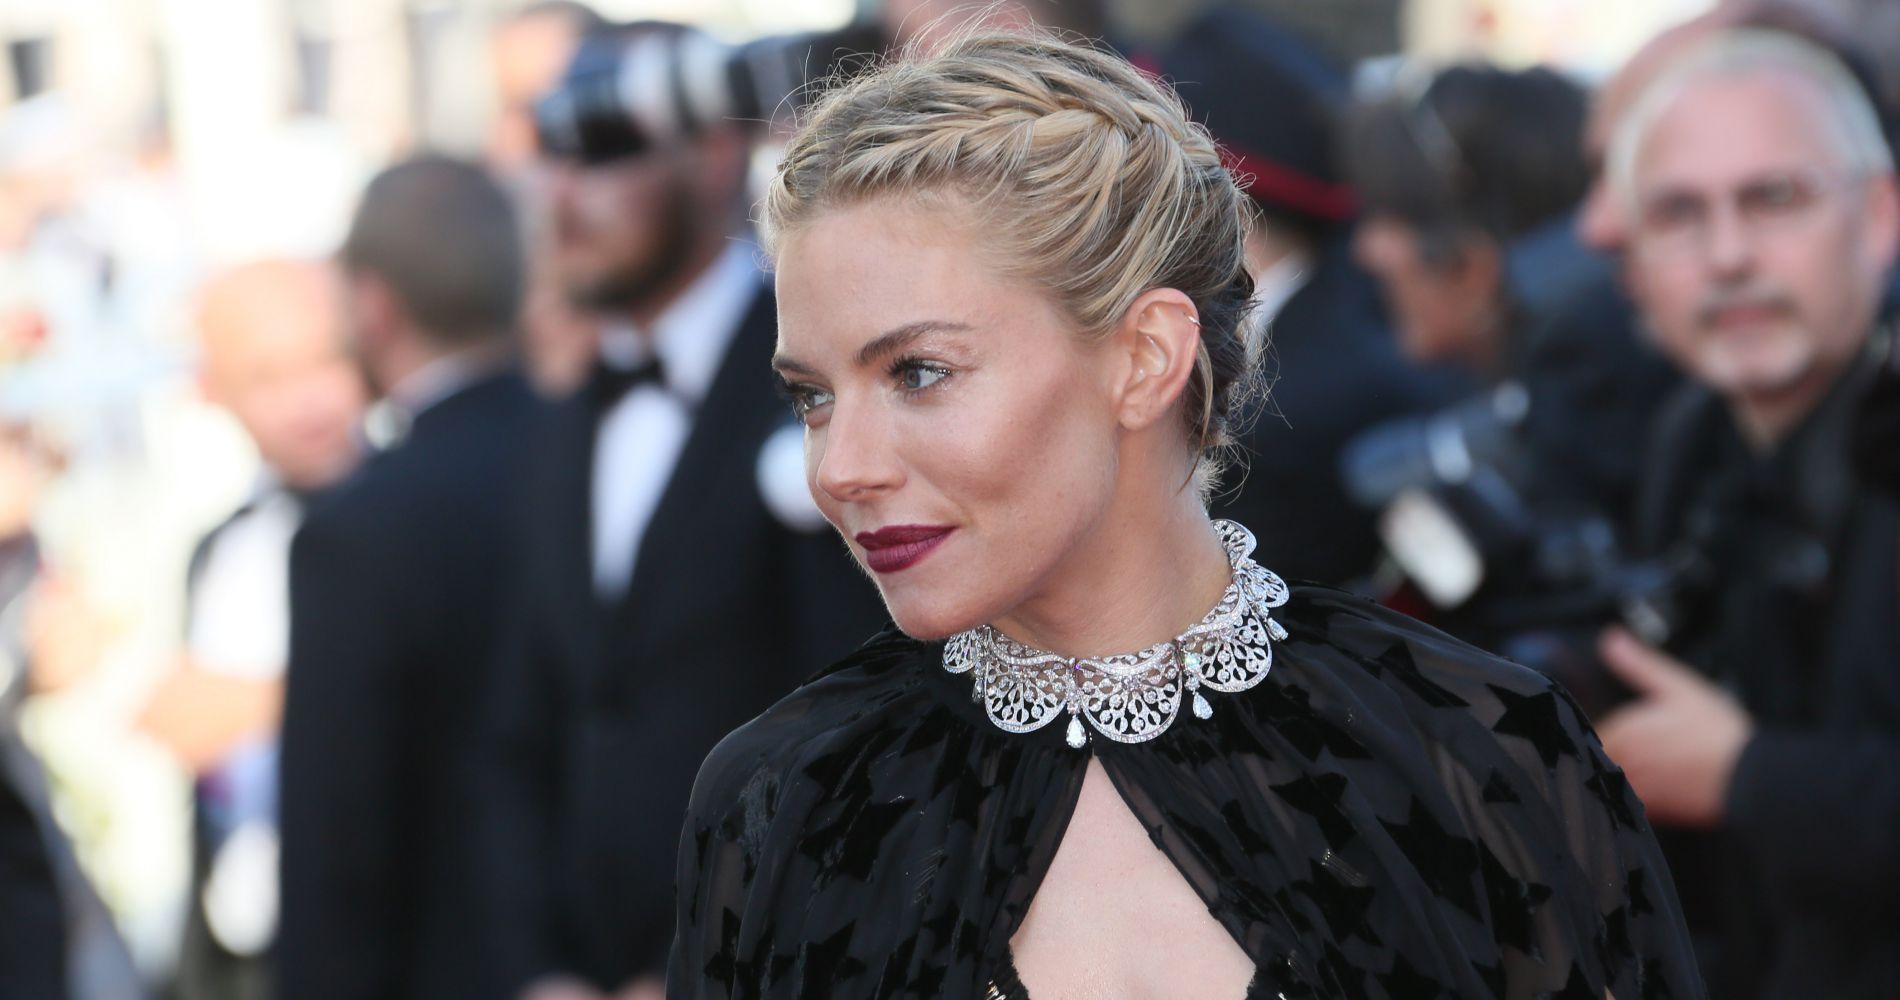 Cannes 2015, les plus beaux hair looks de la première semaine